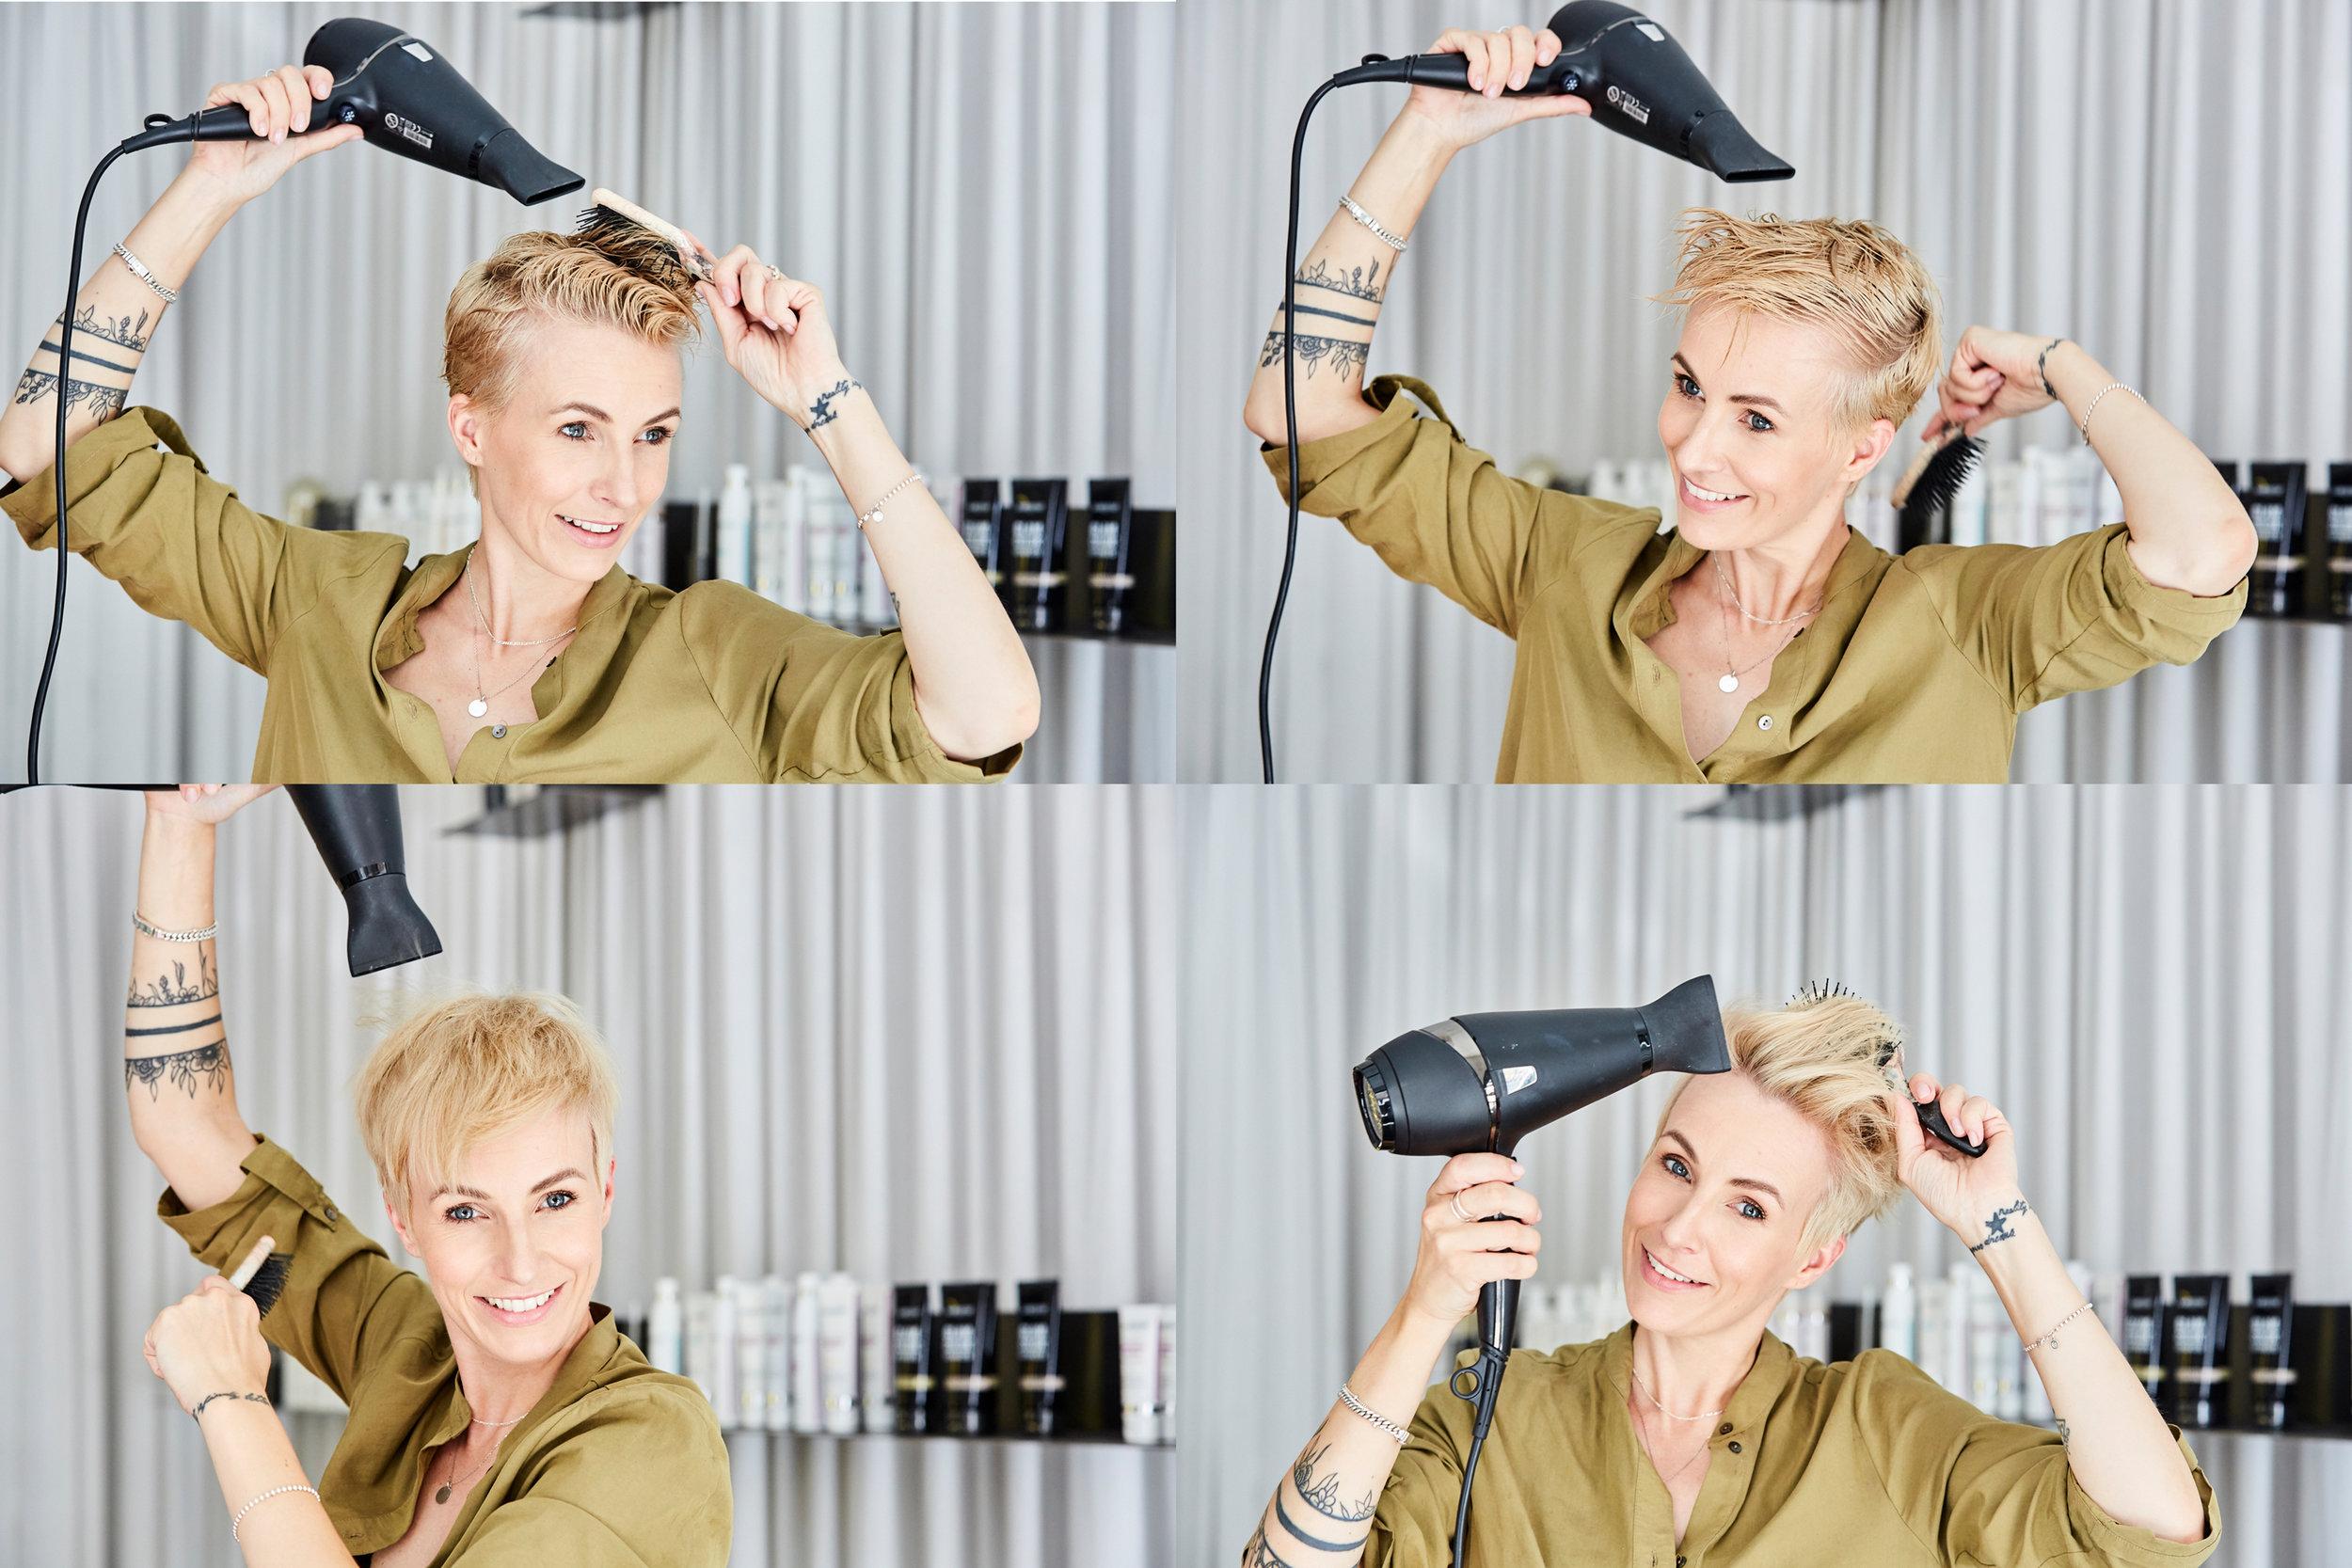 HAIRSTYLINGmega volumen - Auch wenn ich sehr kurze Haare habe, trage ich doch fast jeden Tag einen anderen Style. Ich entscheide mich eigentlich immer je nach Outfit, Lust und Laune. Wenn es so heiß ist, wie in diesen Sommer, hasse ich Haare, die mir ins Gesicht hängen. Daher style ich sie dann am liebsten nach hinten. Dafür braucht es natürlich super viel Halt! Wie ihr den hinbekommt, erkläre ich euch in 5 easy steps!LOS GEHT'S